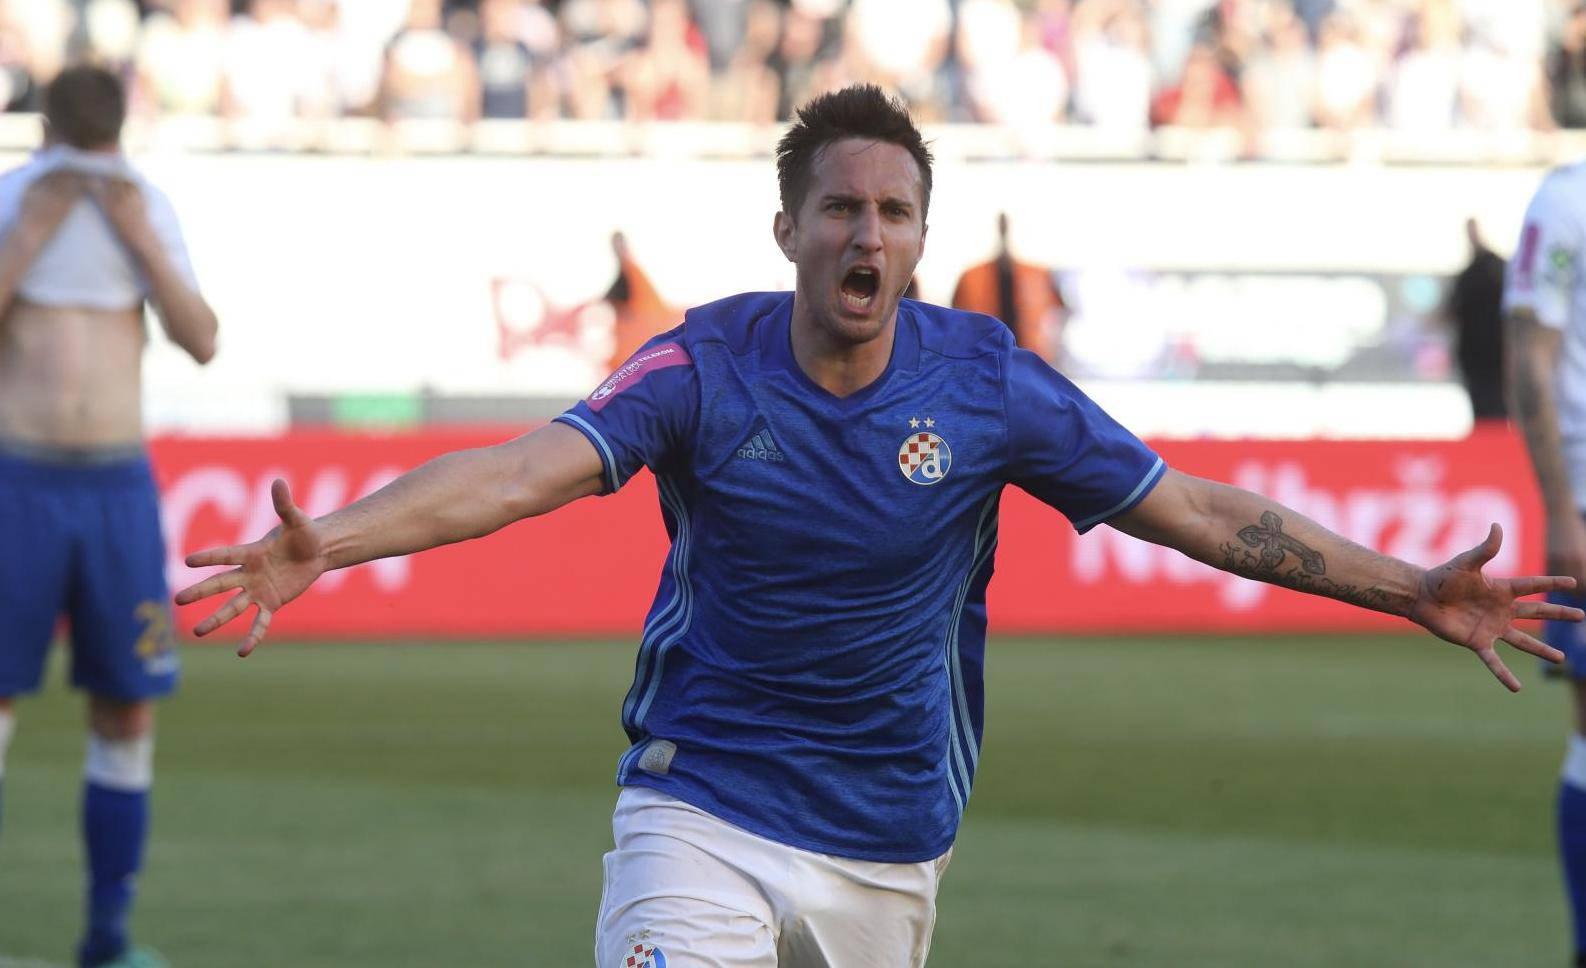 Gavro gospodski nakon 7. gola Hajduku: Baš lijepo da se dižu